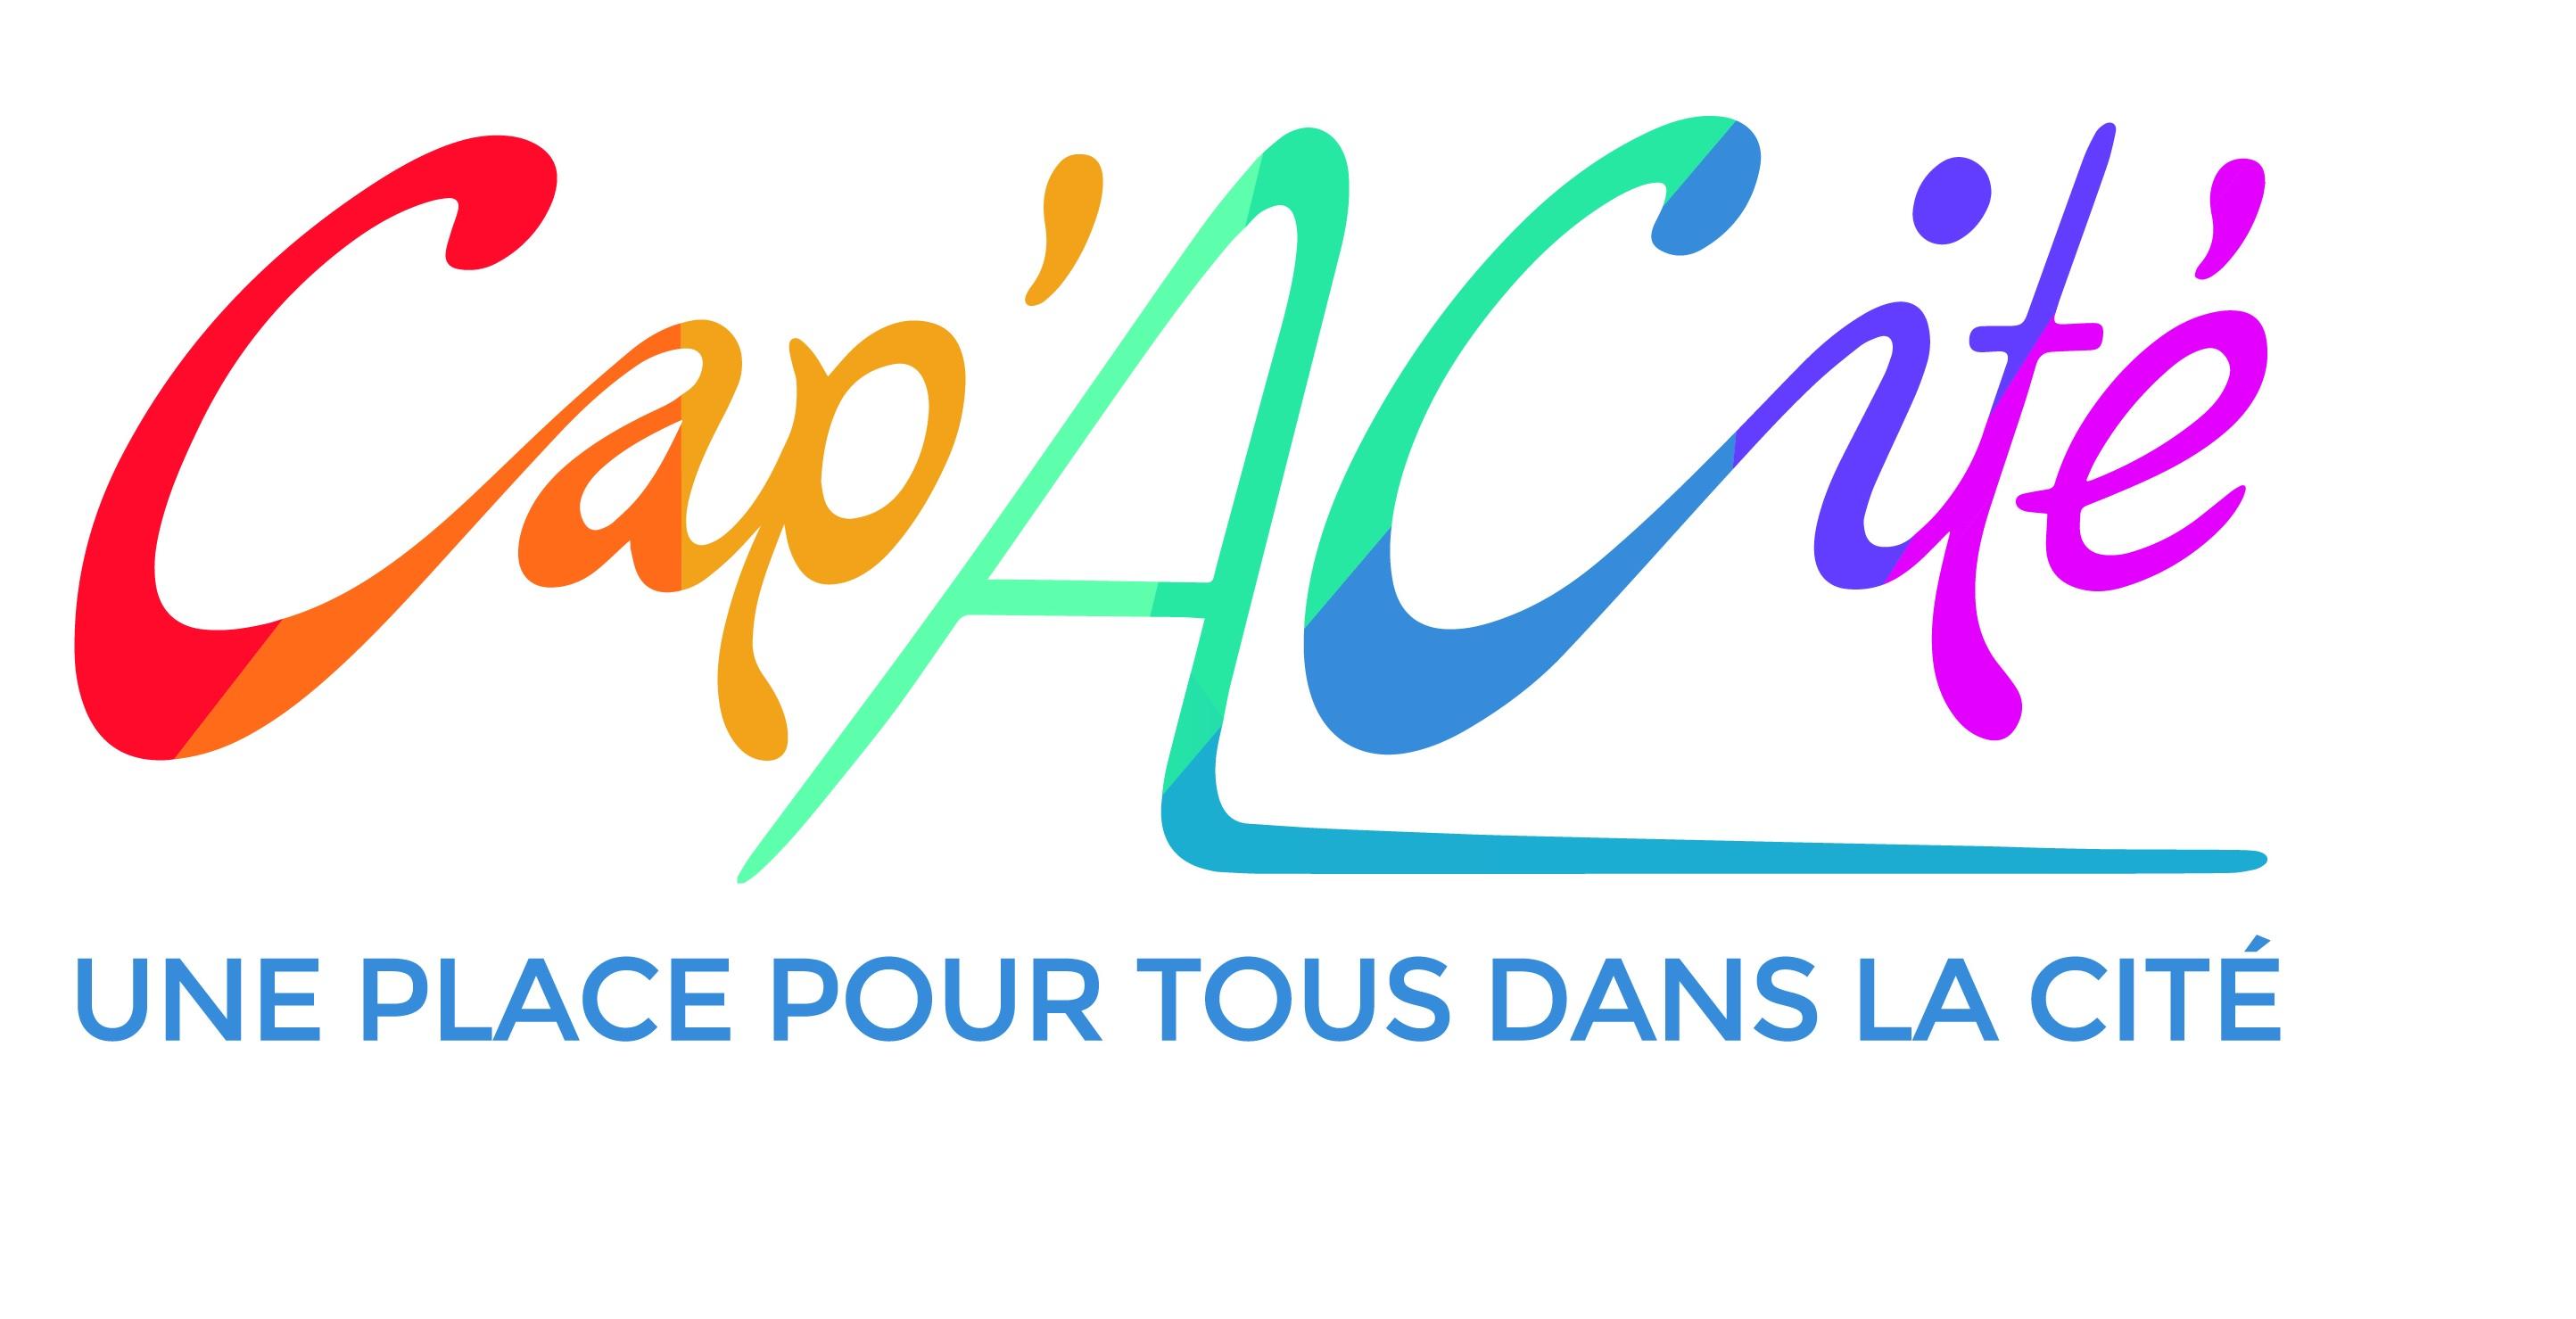 logo-capacite1